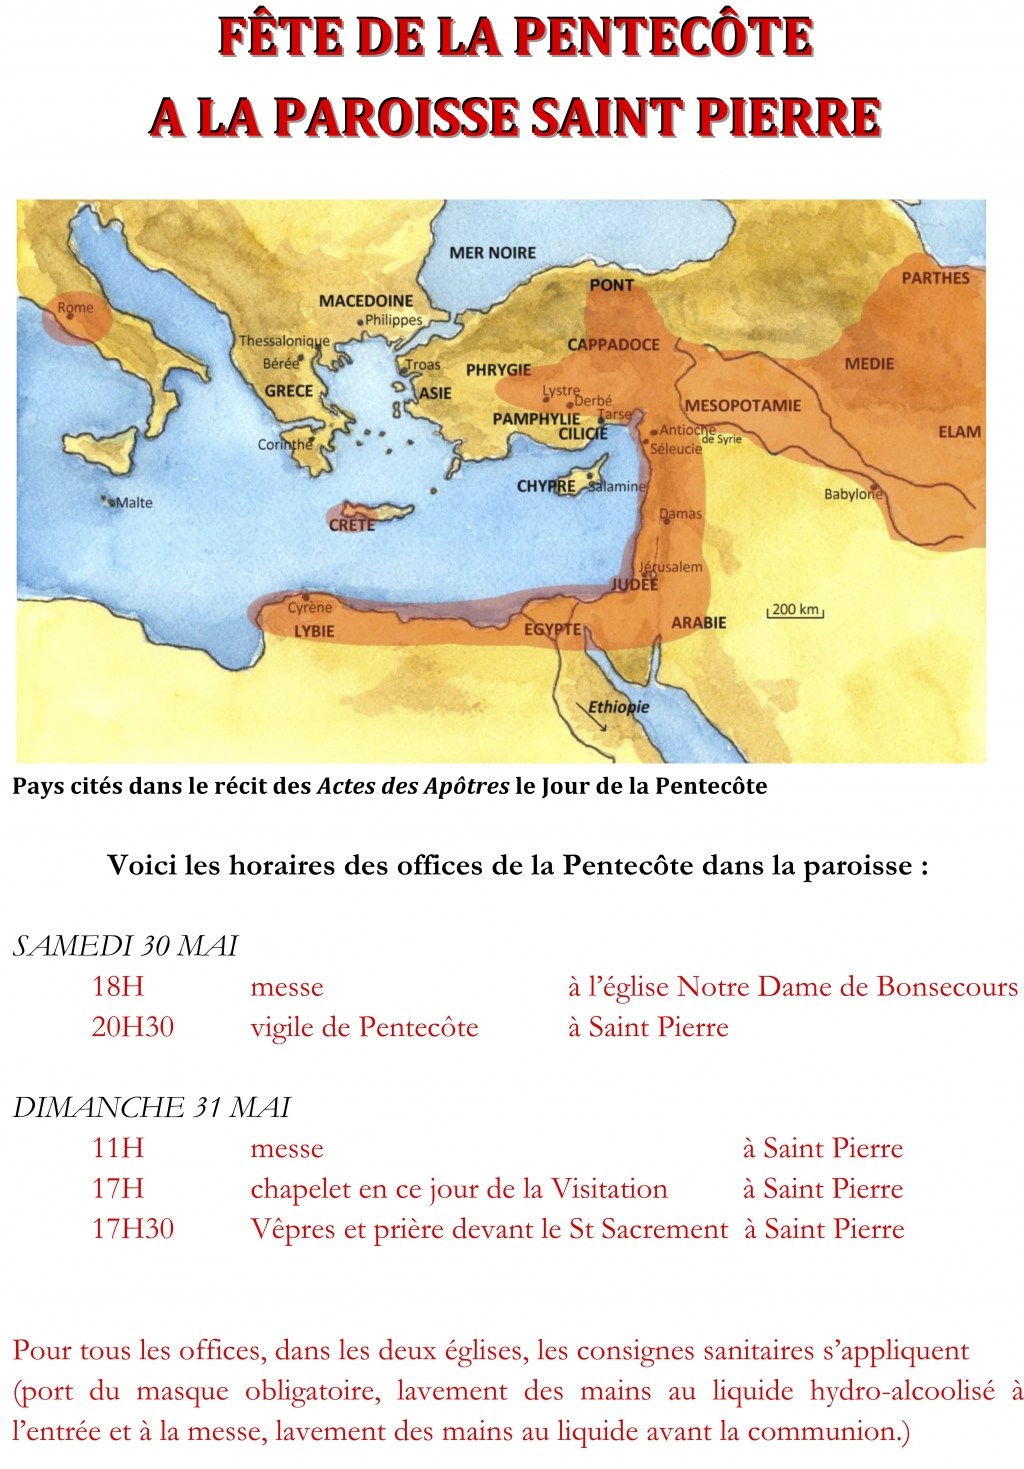 FÊTE DE LA PENTECÔTE affiche.jpg